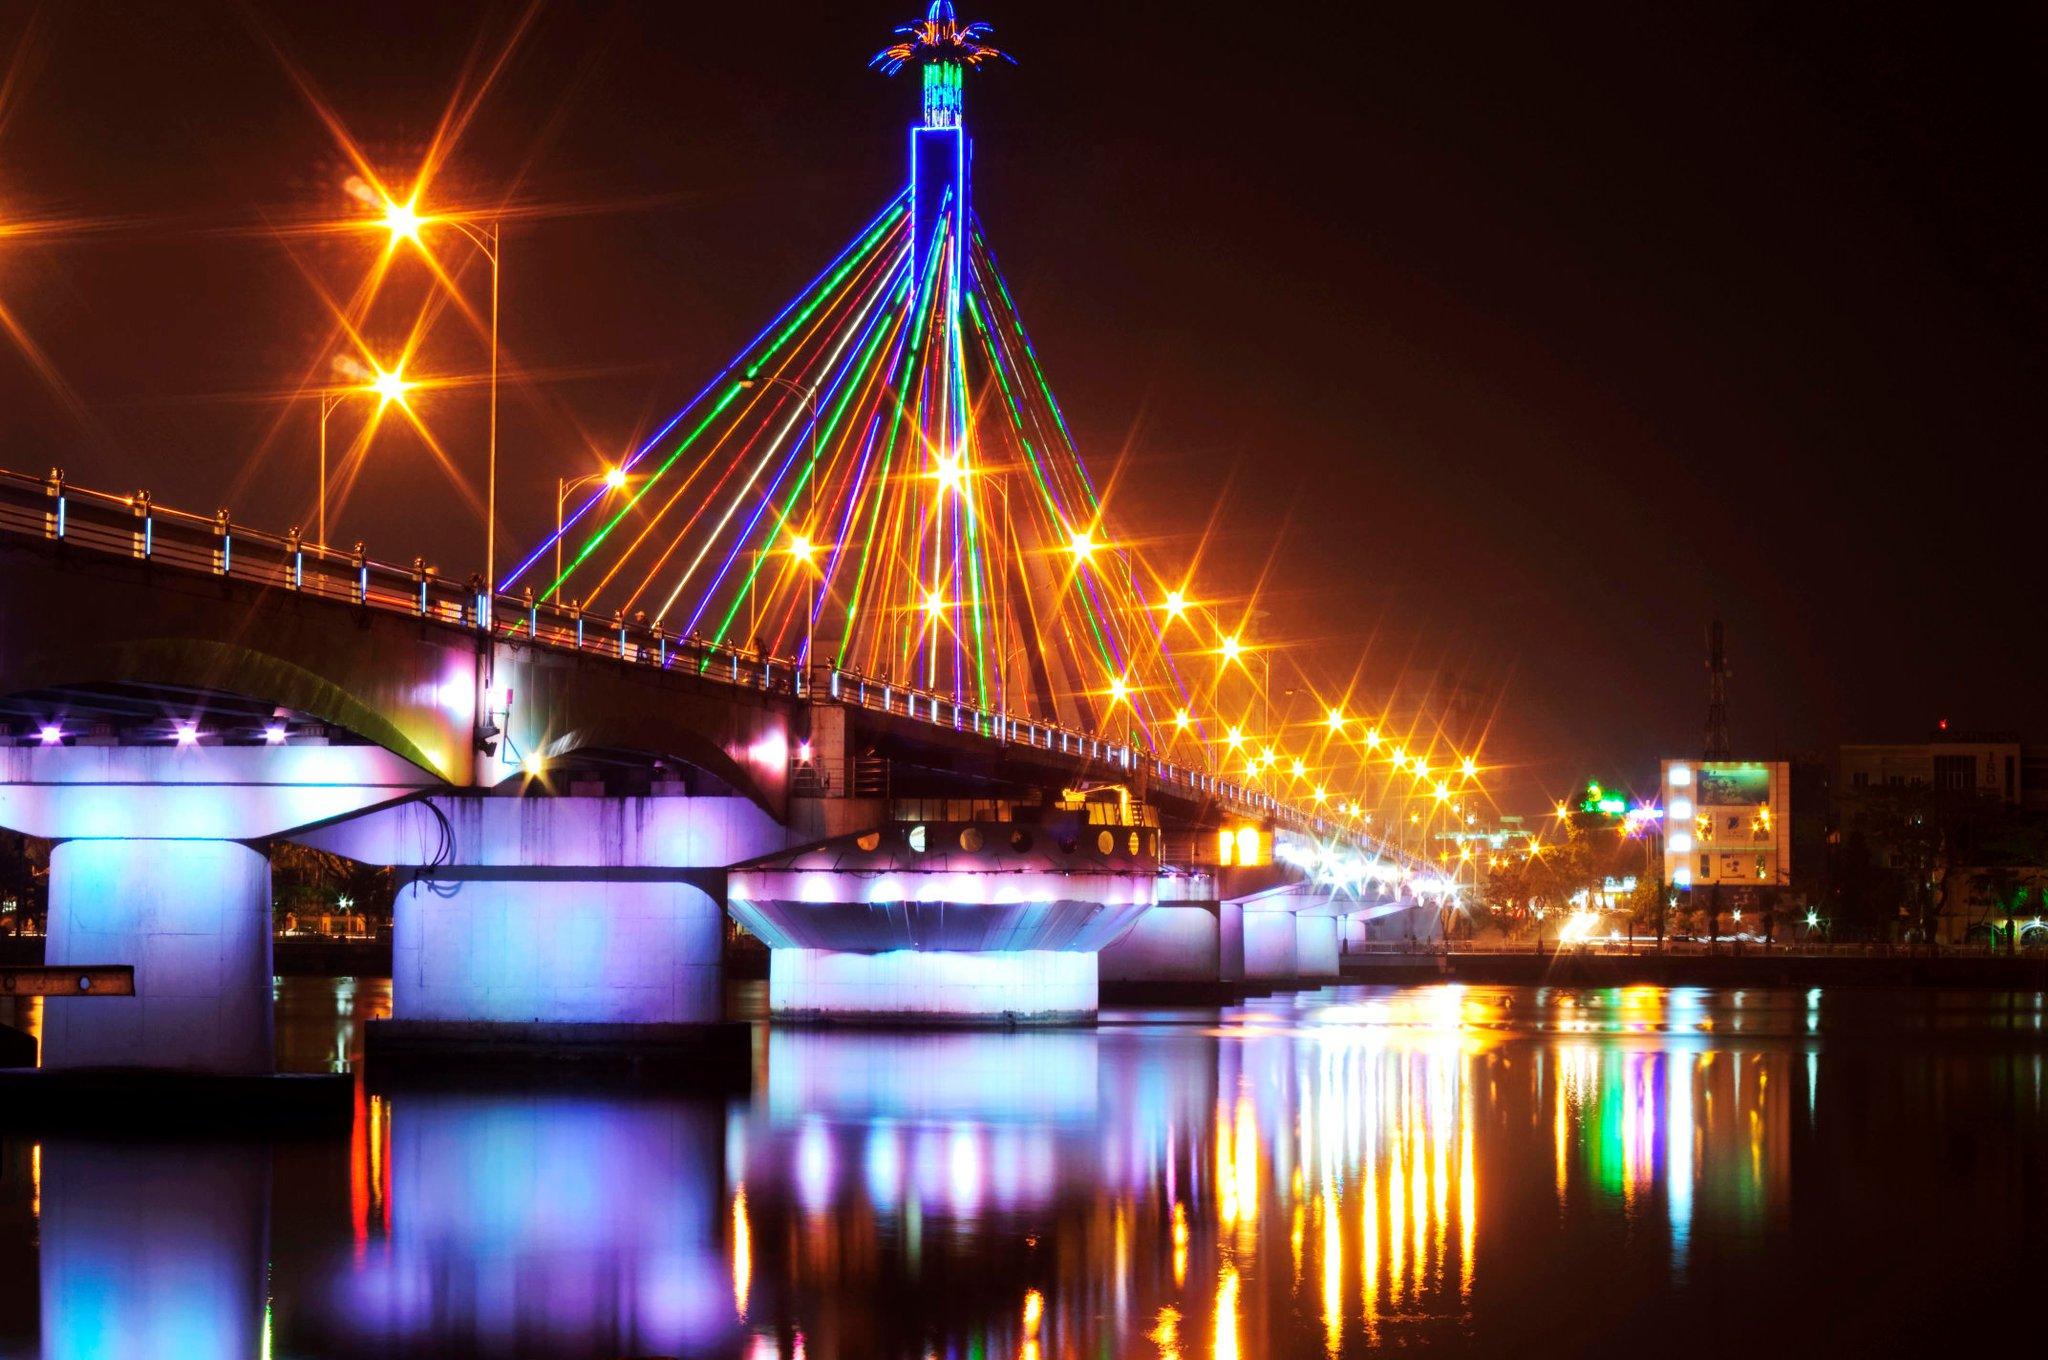 2018 精明投資泰國房地產-曼谷房地產投資指標建案分析總整理 @東南亞投資報告